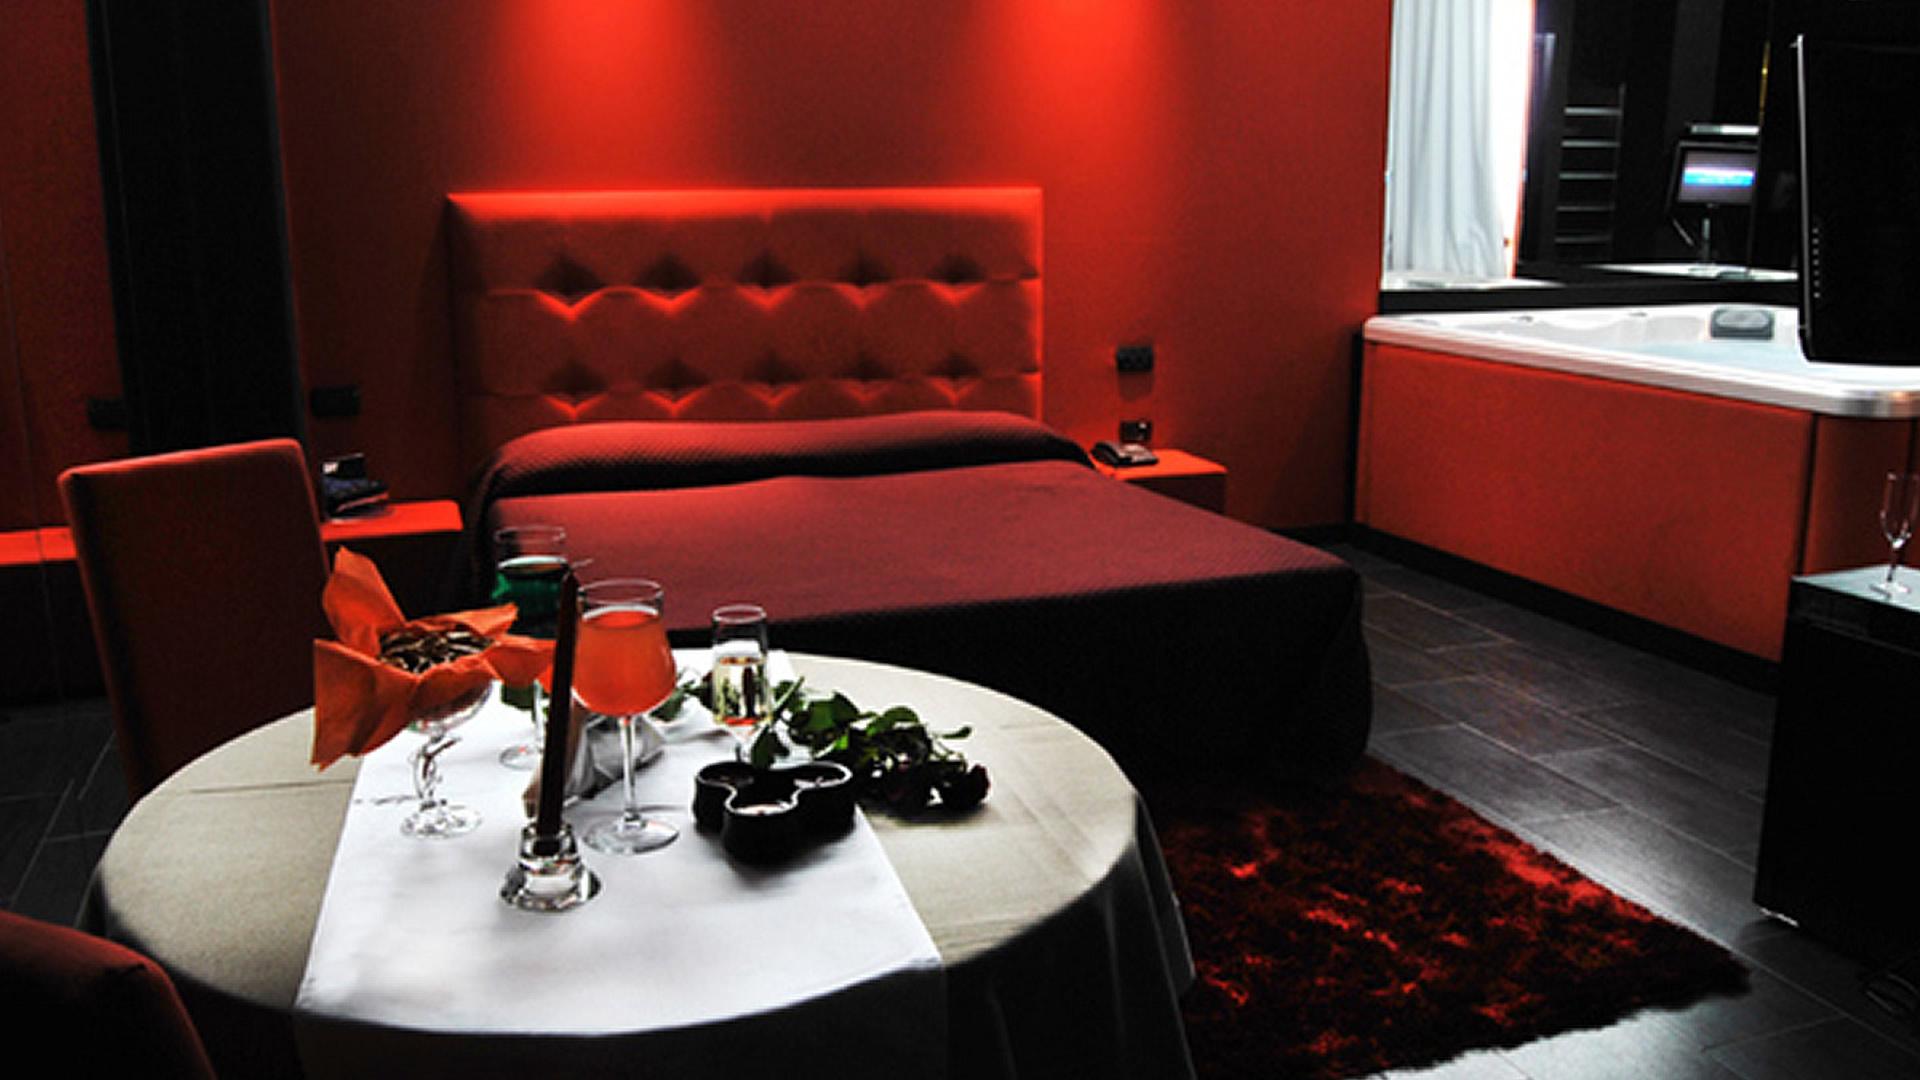 Hotel La Fayette A New Hospitality Concept In Giugliano